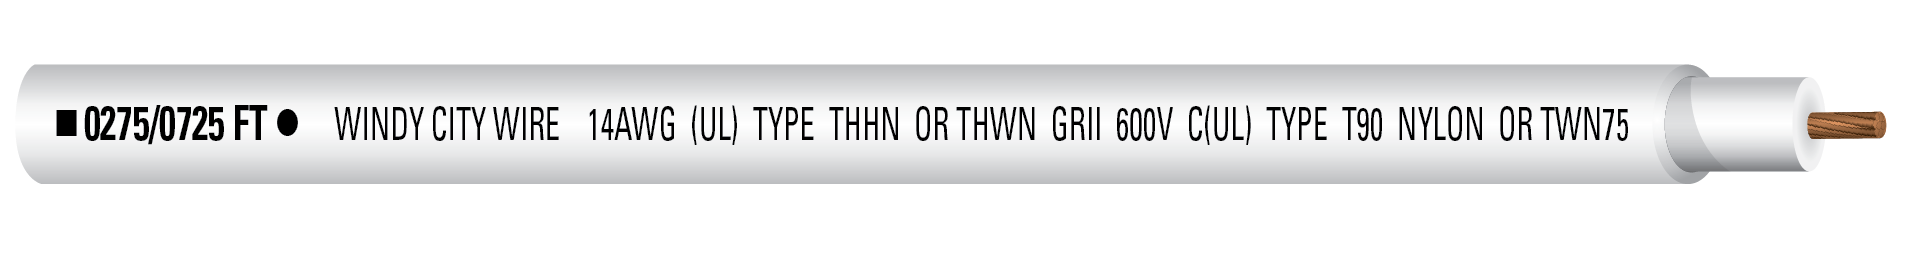 14-1C STR THHN 600V Wht